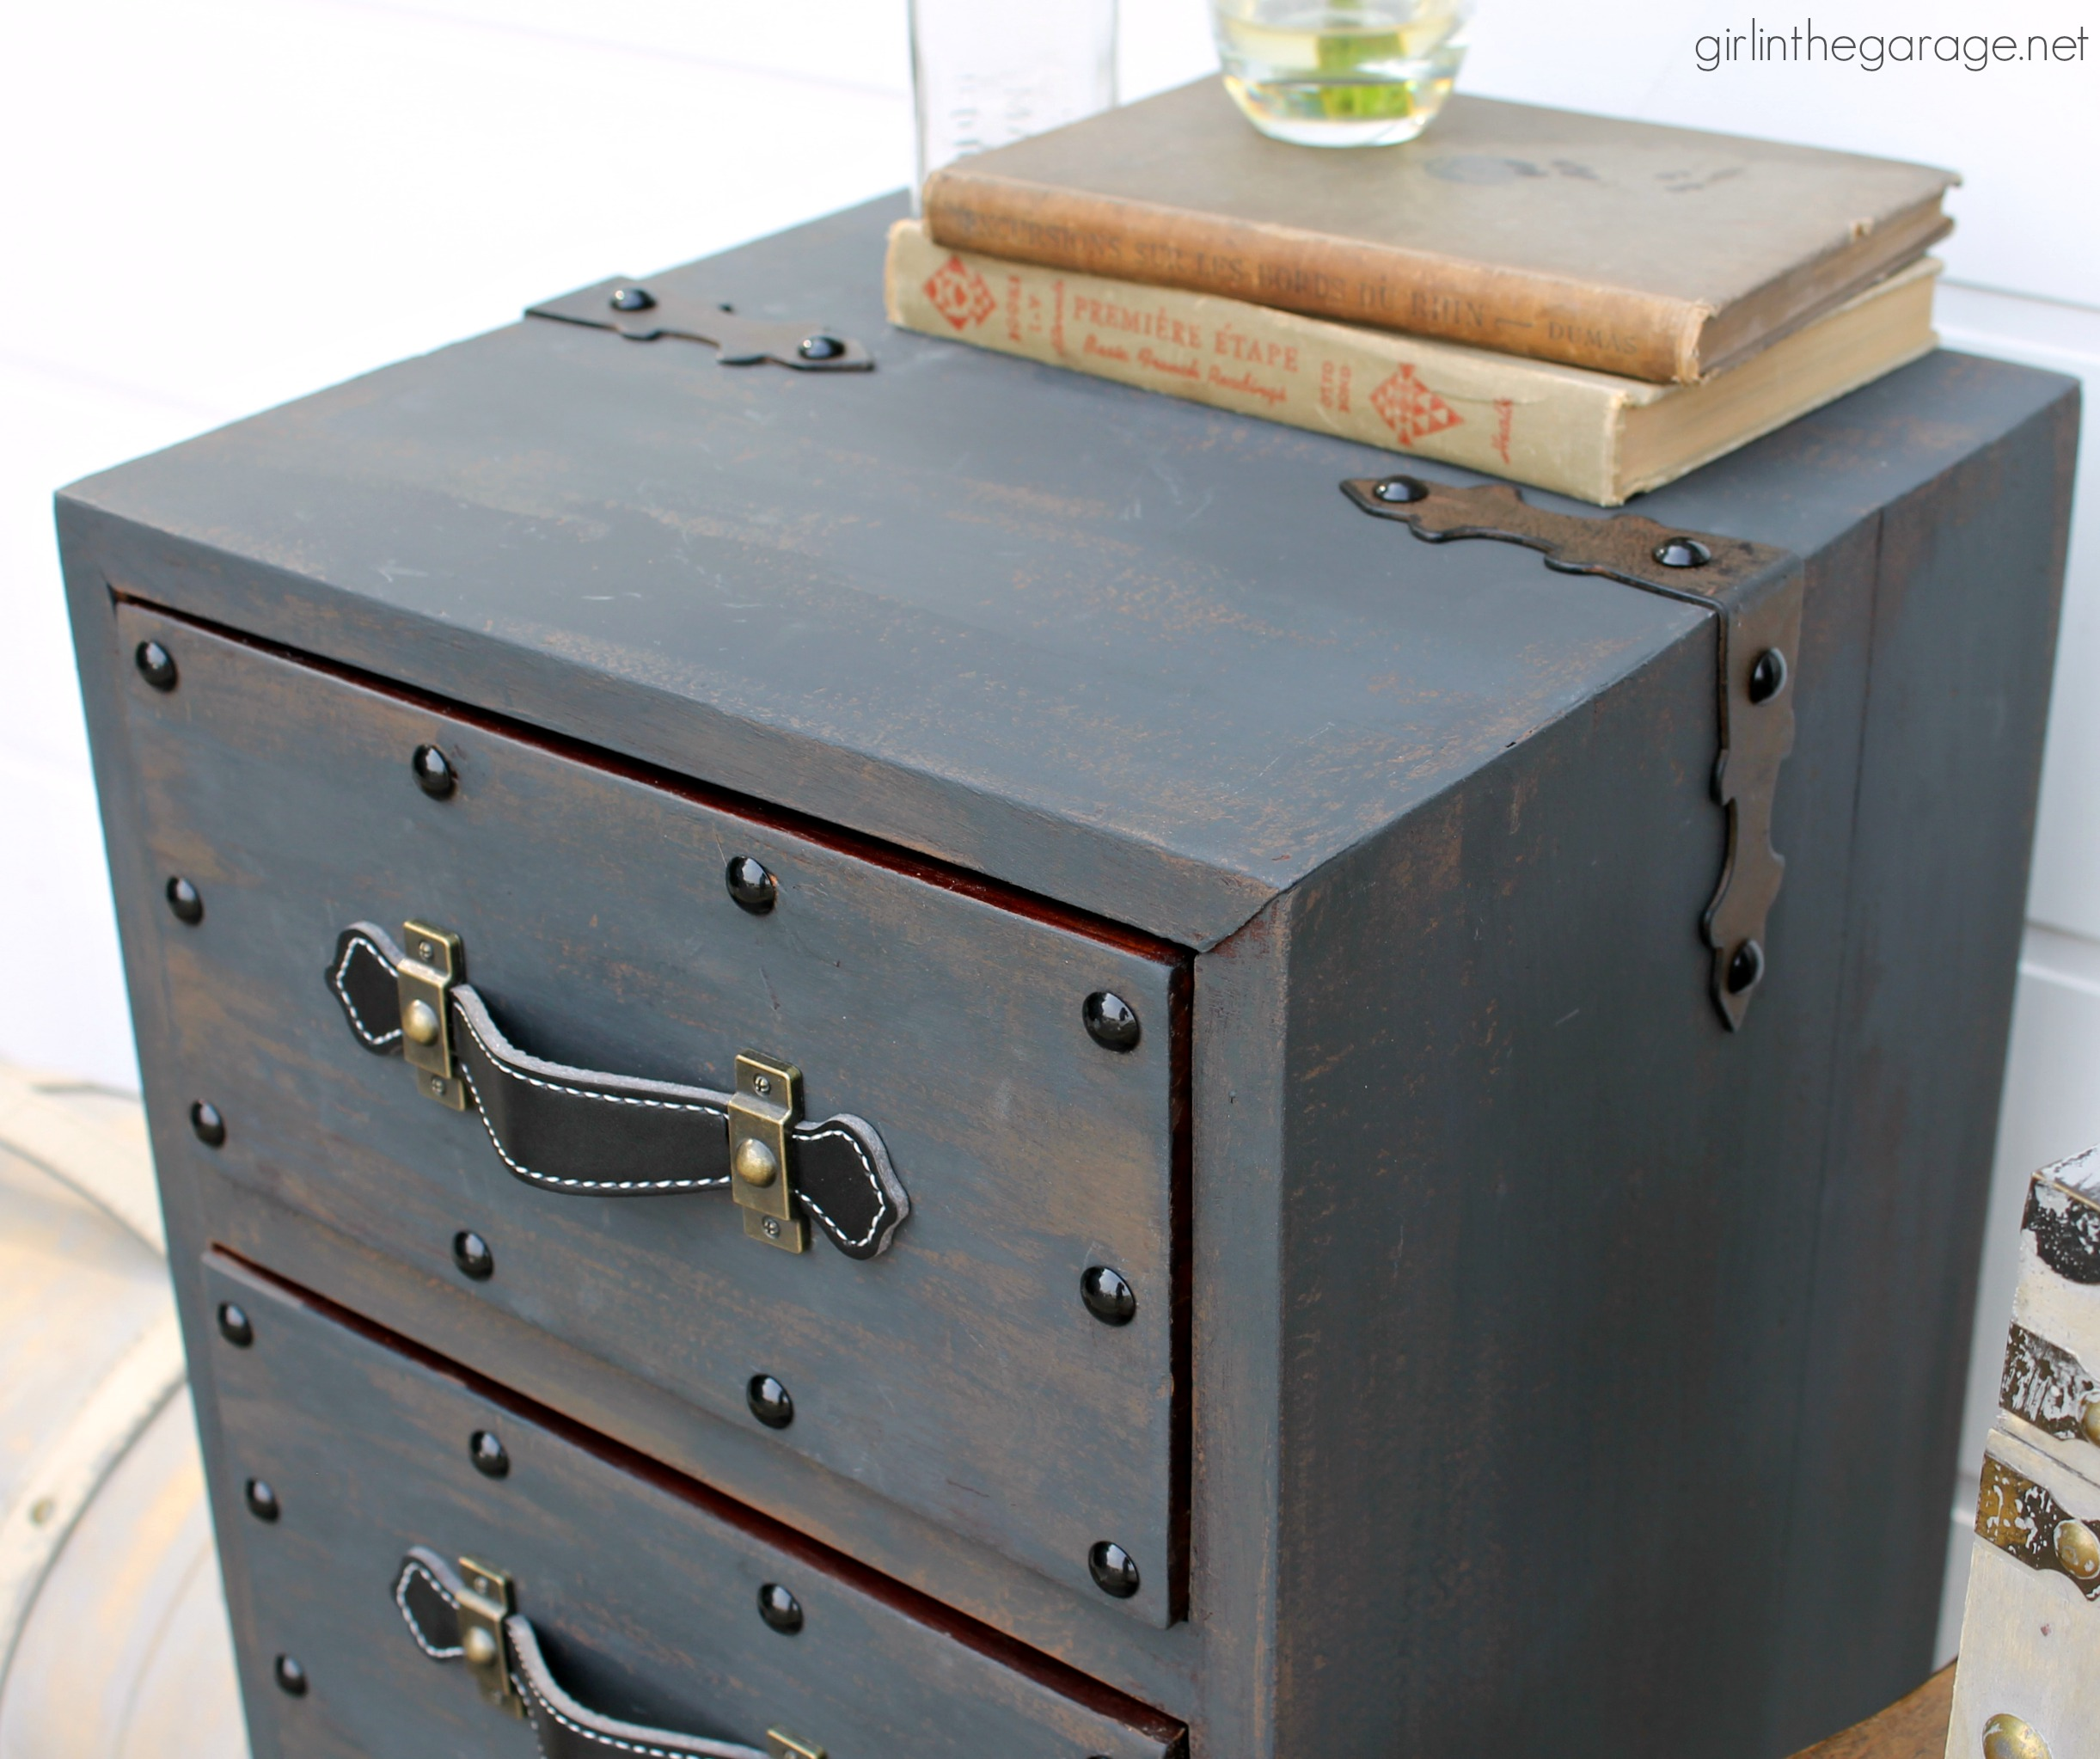 IMG_0195-vintage-steamer-trunk-painted-nightstand - Girl